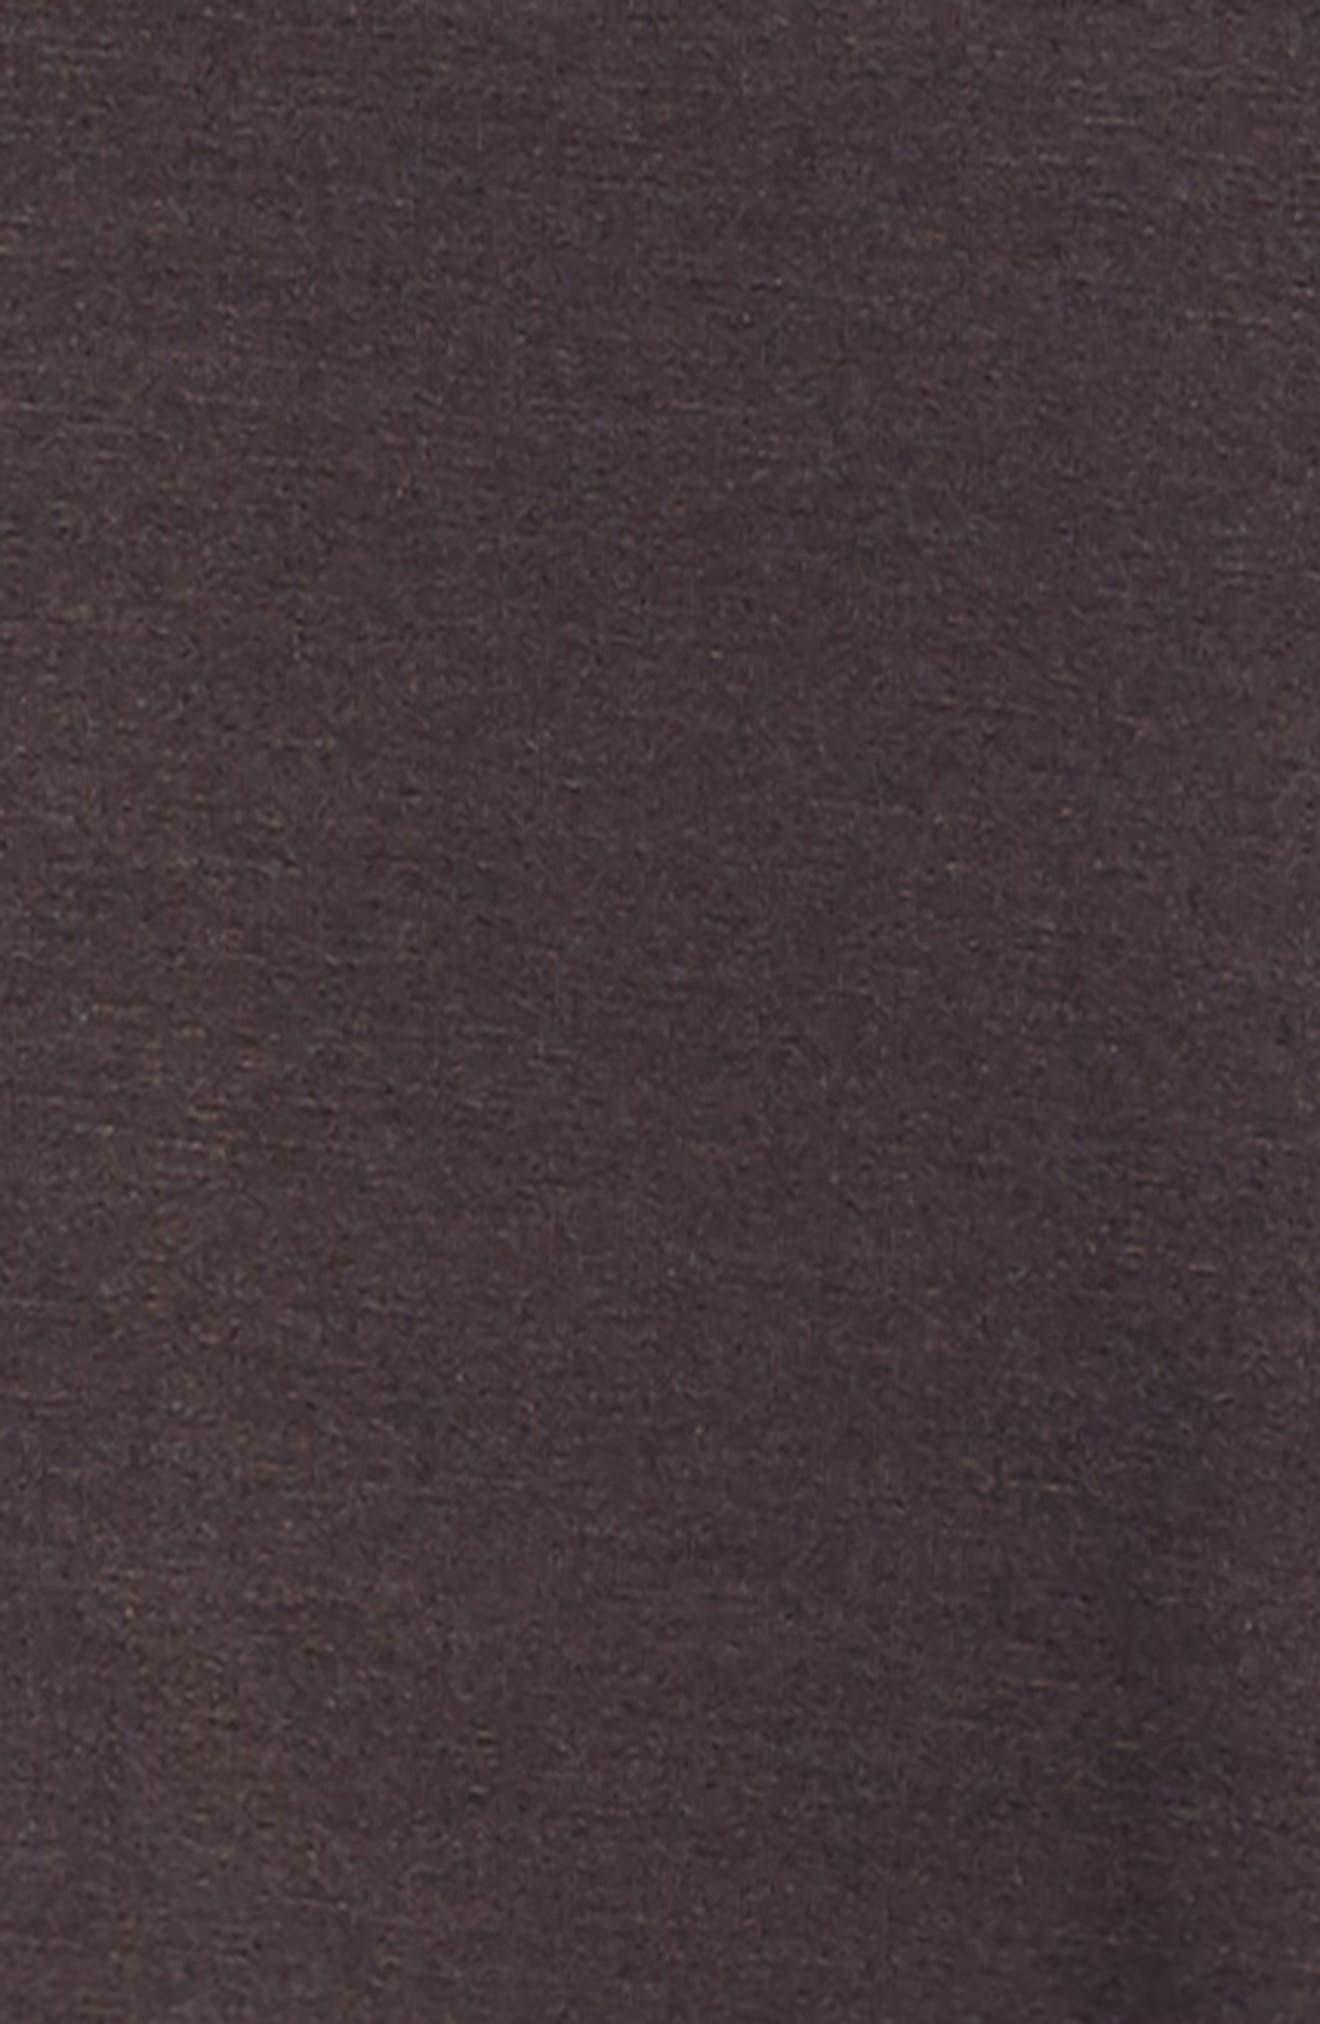 Cold Shoulder Dress,                             Alternate thumbnail 3, color,                             028